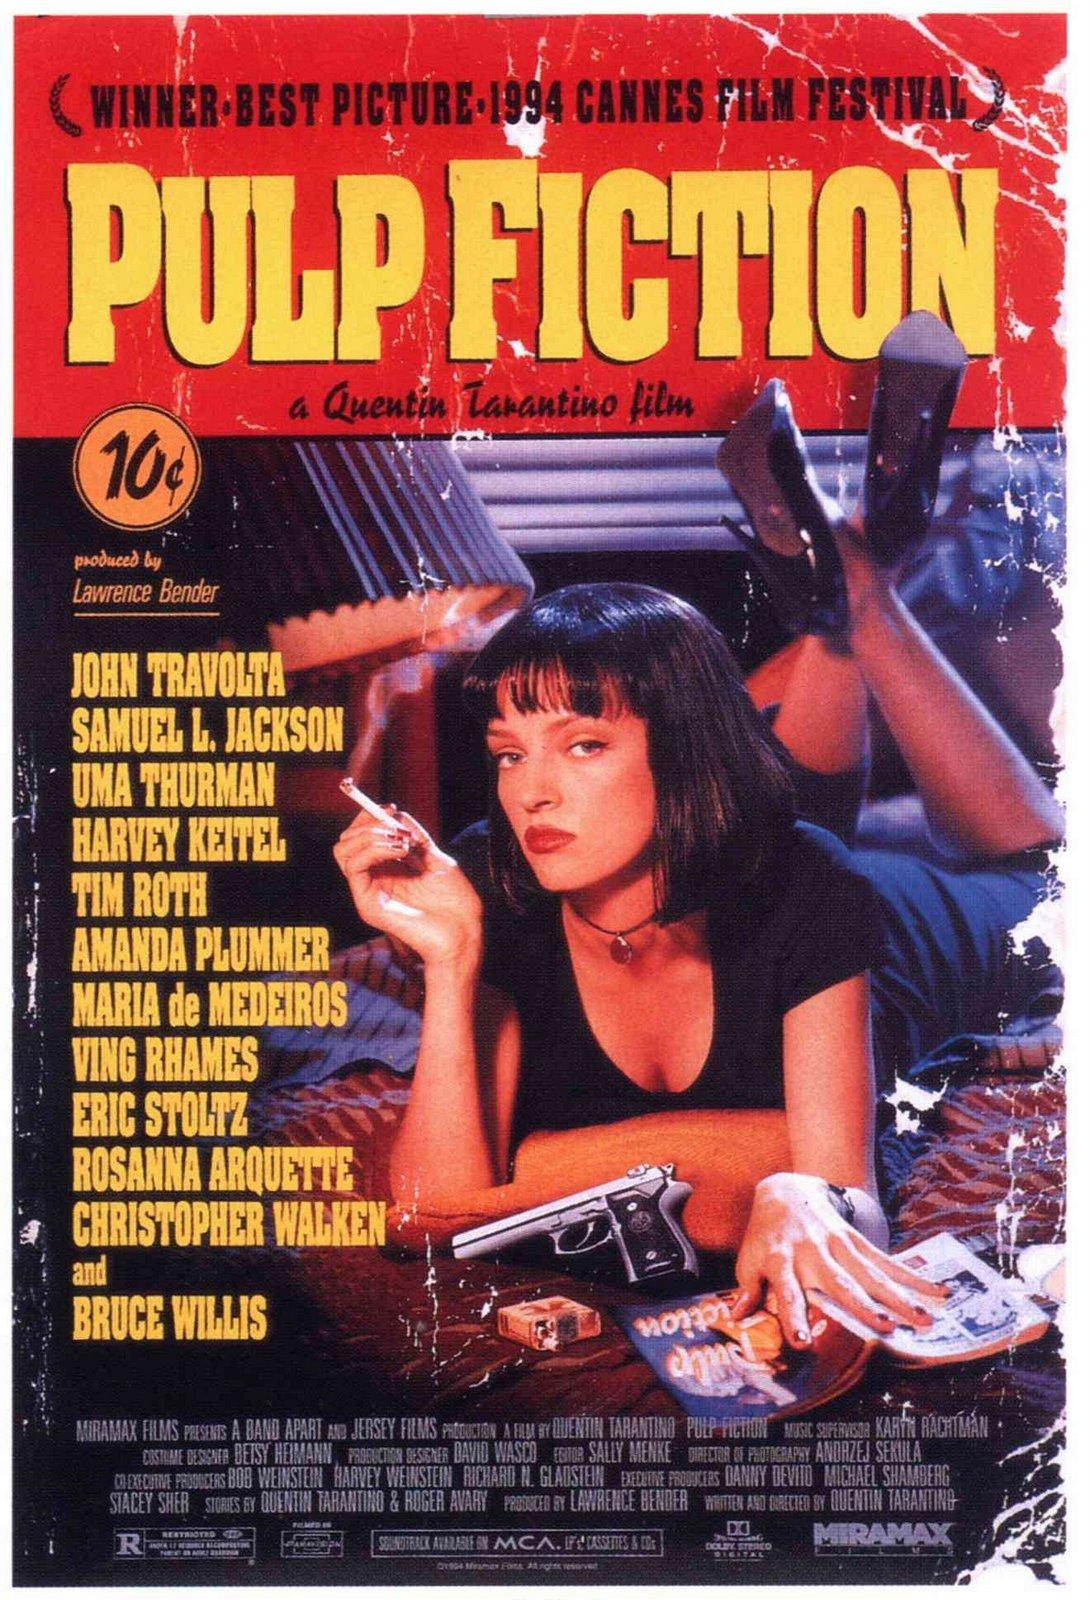 http://4.bp.blogspot.com/_3uDgLEKQHVA/S7LJ2nmdxhI/AAAAAAAAAZg/pUiRUsVTiZA/s1600/pulp-fiction-poster-orig1.jpg